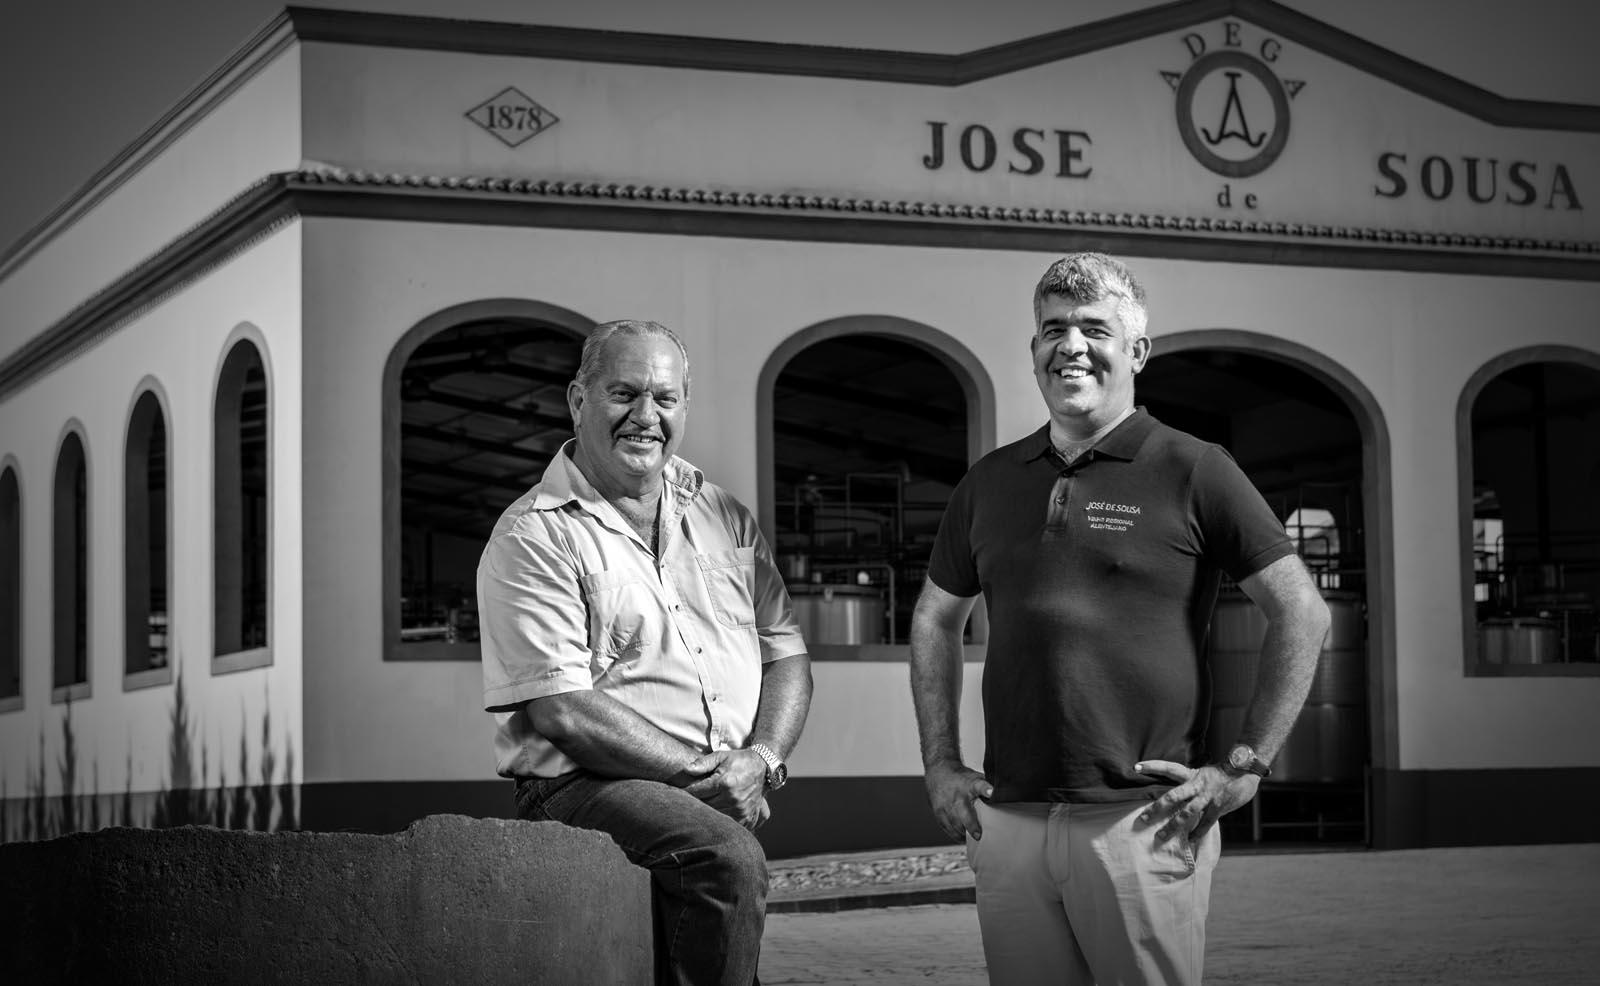 Adega José de Sousa – 3 Vinhos Premium